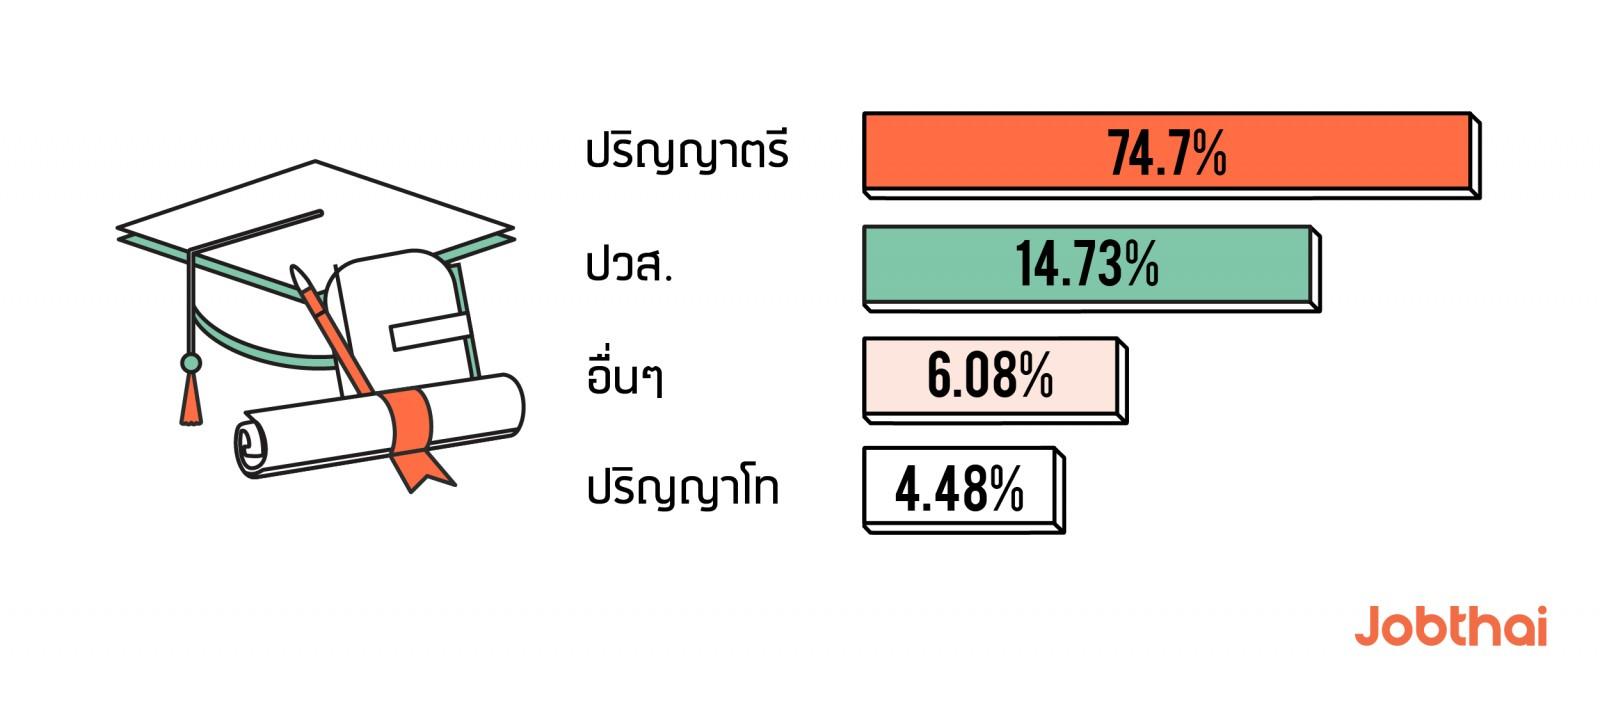 อัปเดตสถิติการใช้งานJobThaiในรอบครึ่งปี 2019 การศึกษา